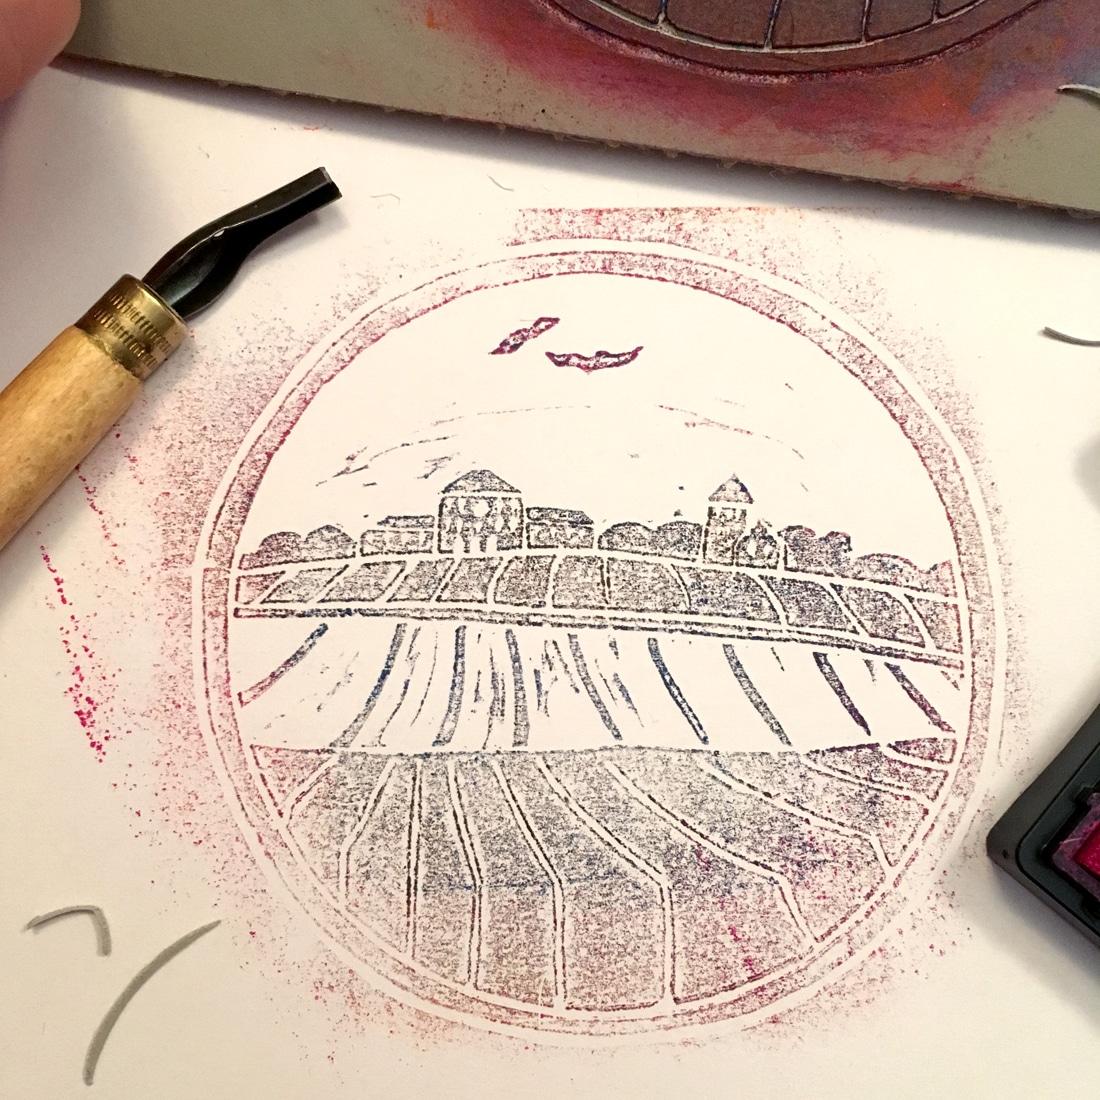 Druck eines Linolschnittes von Schloss Johannisberg im Rheingau